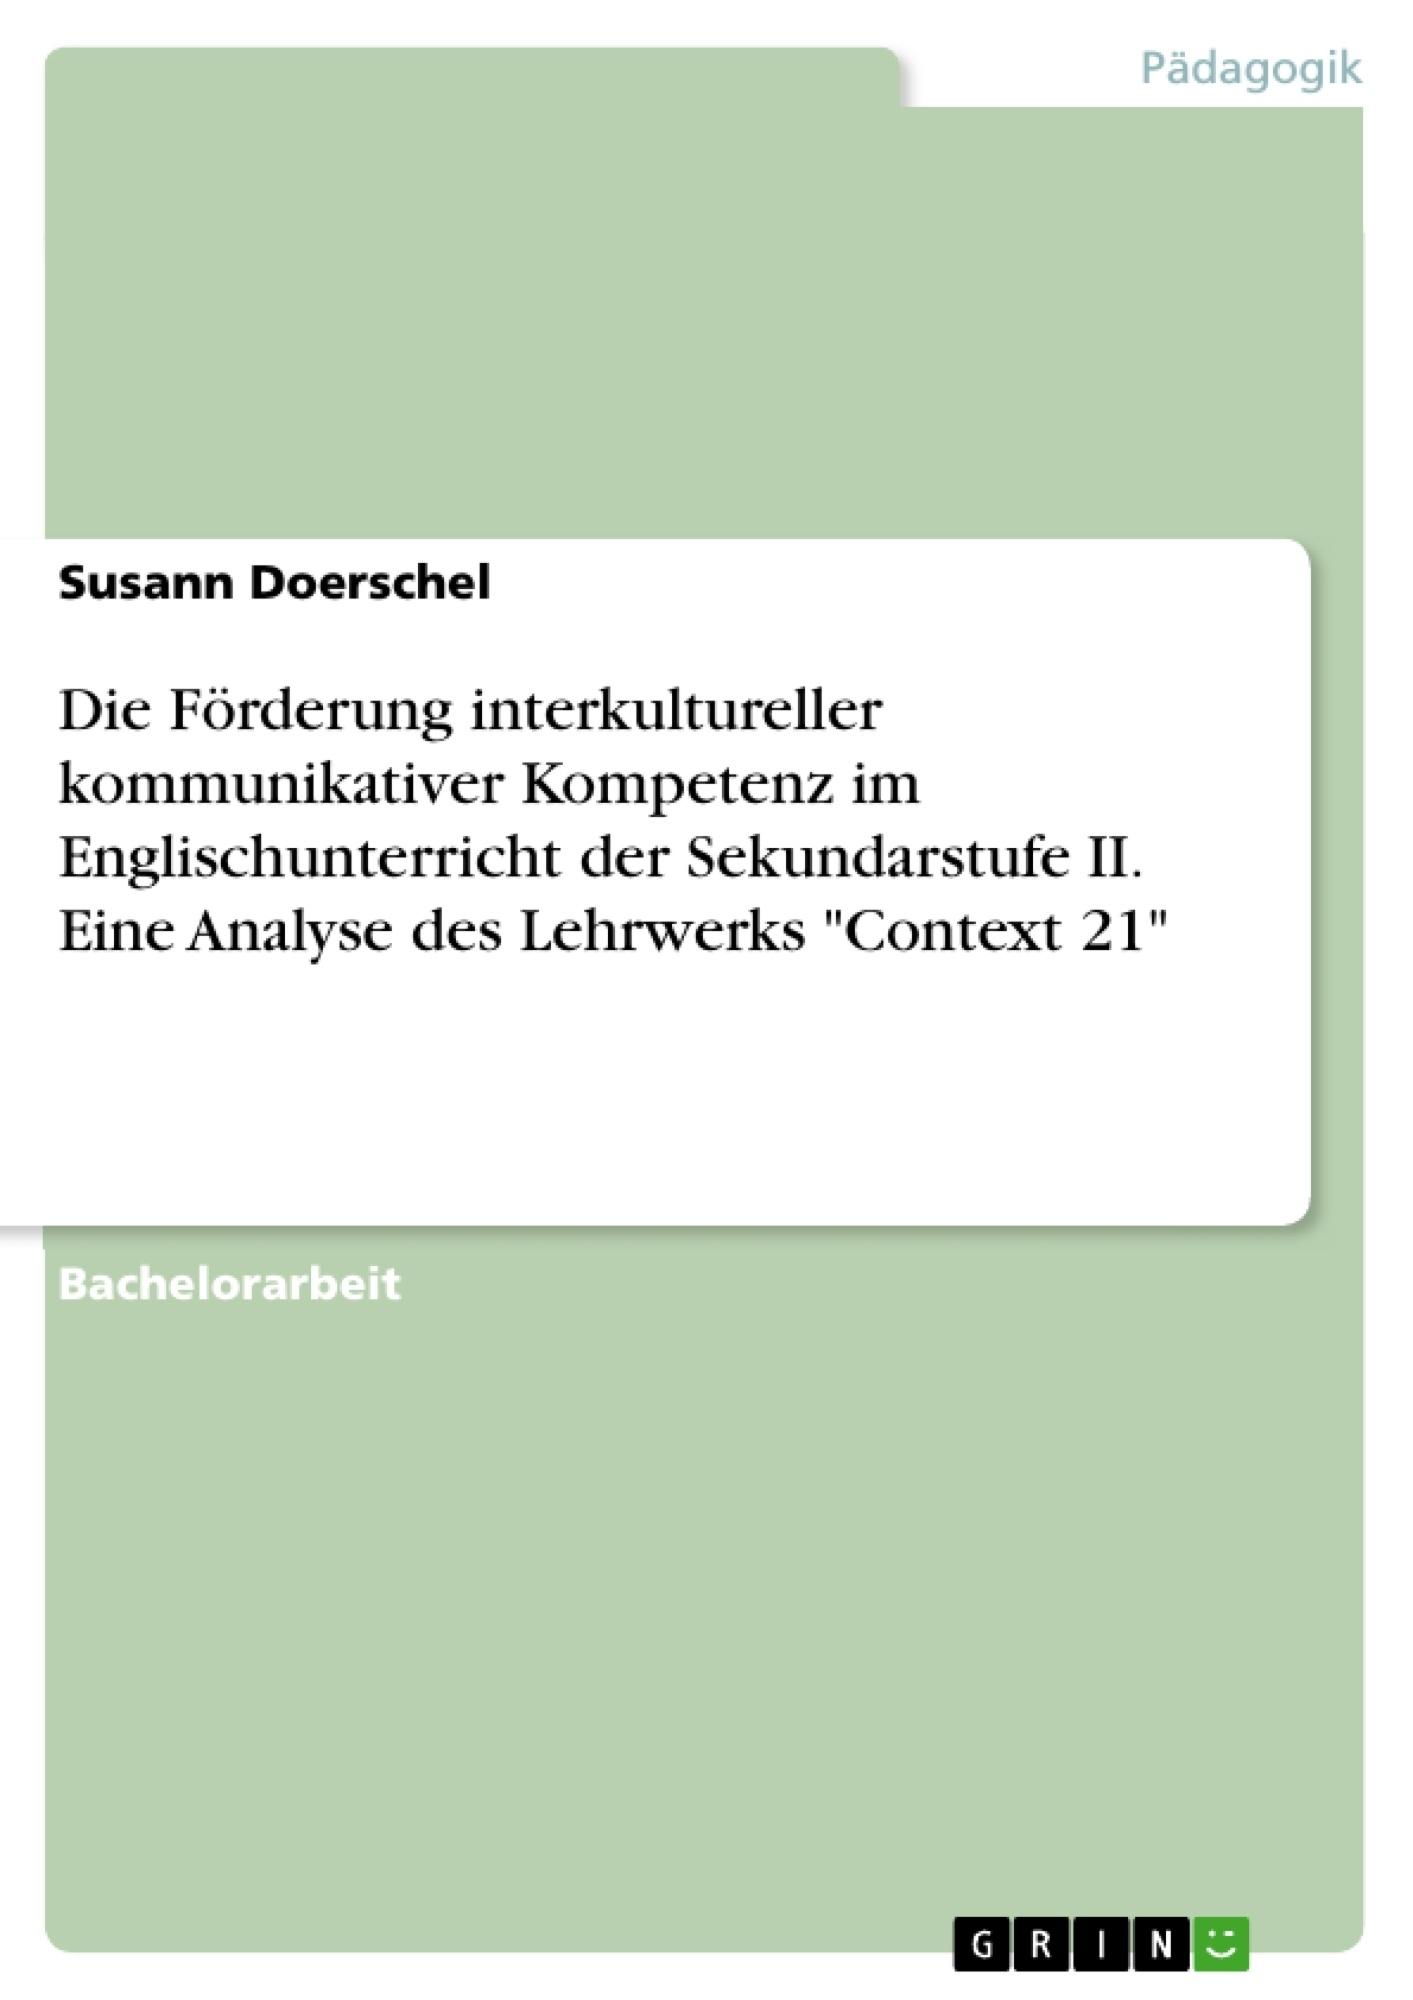 """Titel: Die Förderung interkultureller kommunikativer Kompetenz im Englischunterricht der Sekundarstufe II. Eine Analyse des Lehrwerks """"Context 21"""""""